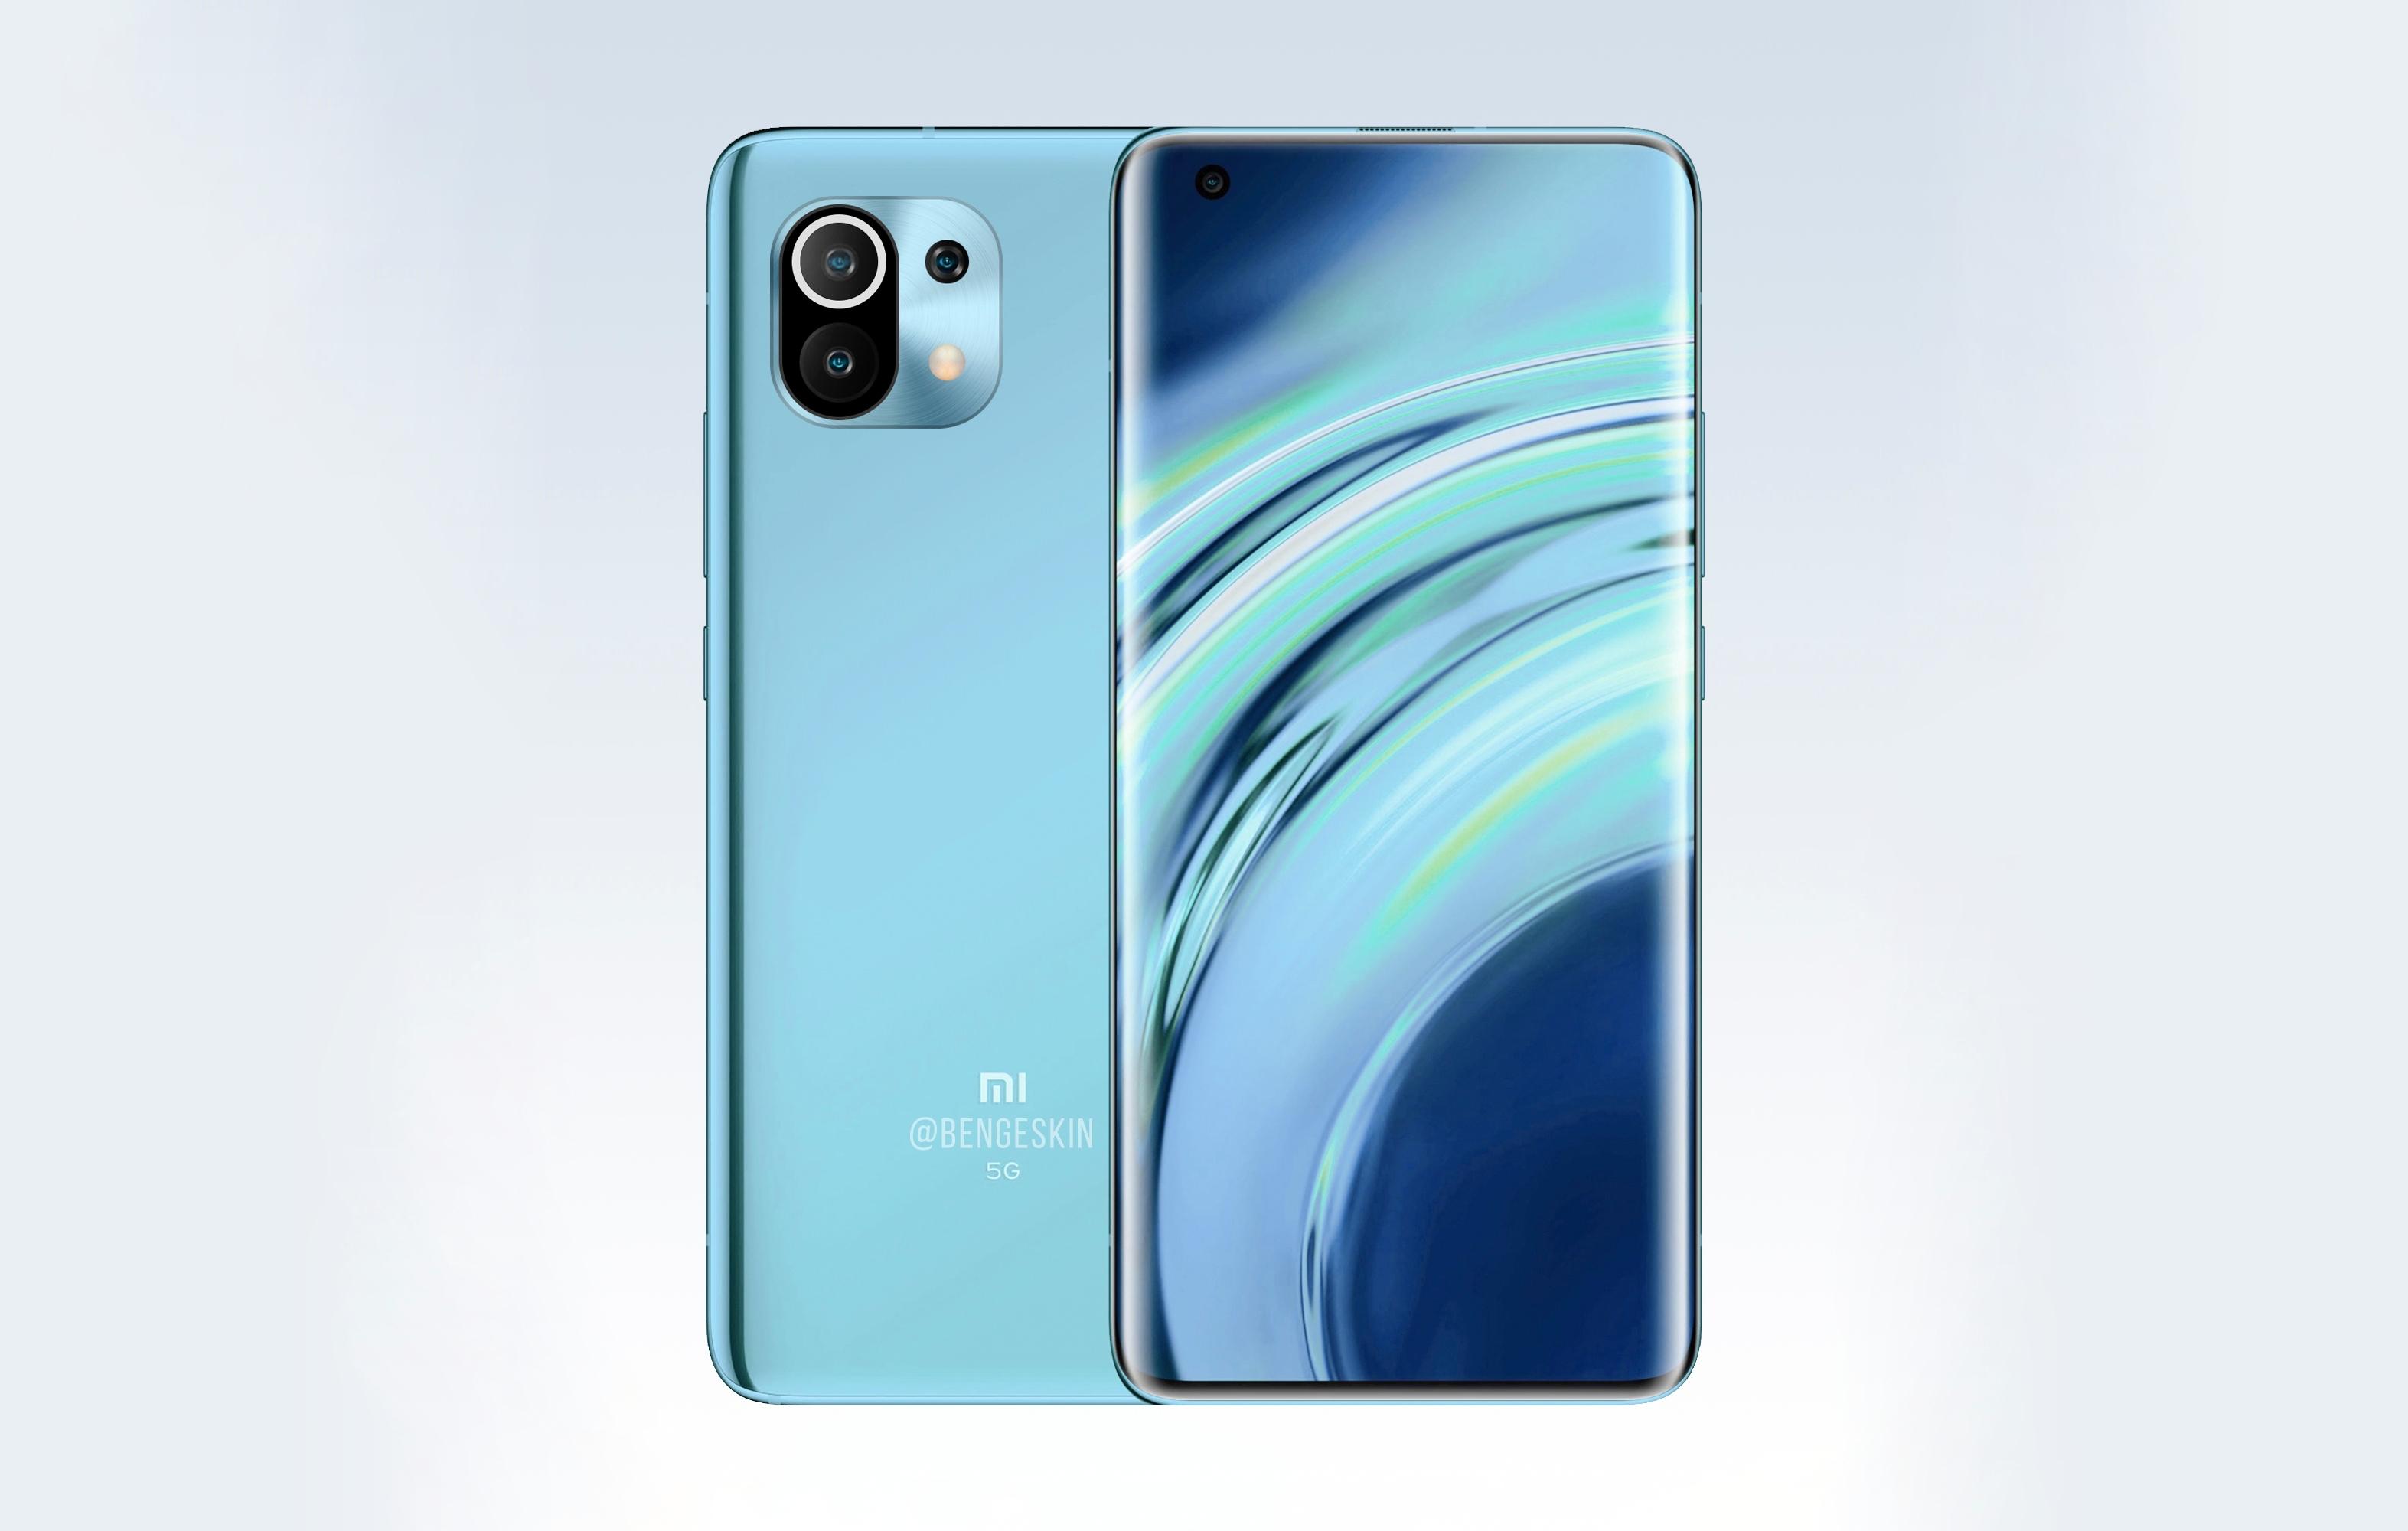 Xiaomi Mi 11 и Xiaomi Mi 11 Pro прошли сертификацию 3C: флагманы получат аккумуляторы на 5000 мАч с быстрой зарядкой на 55 Вт